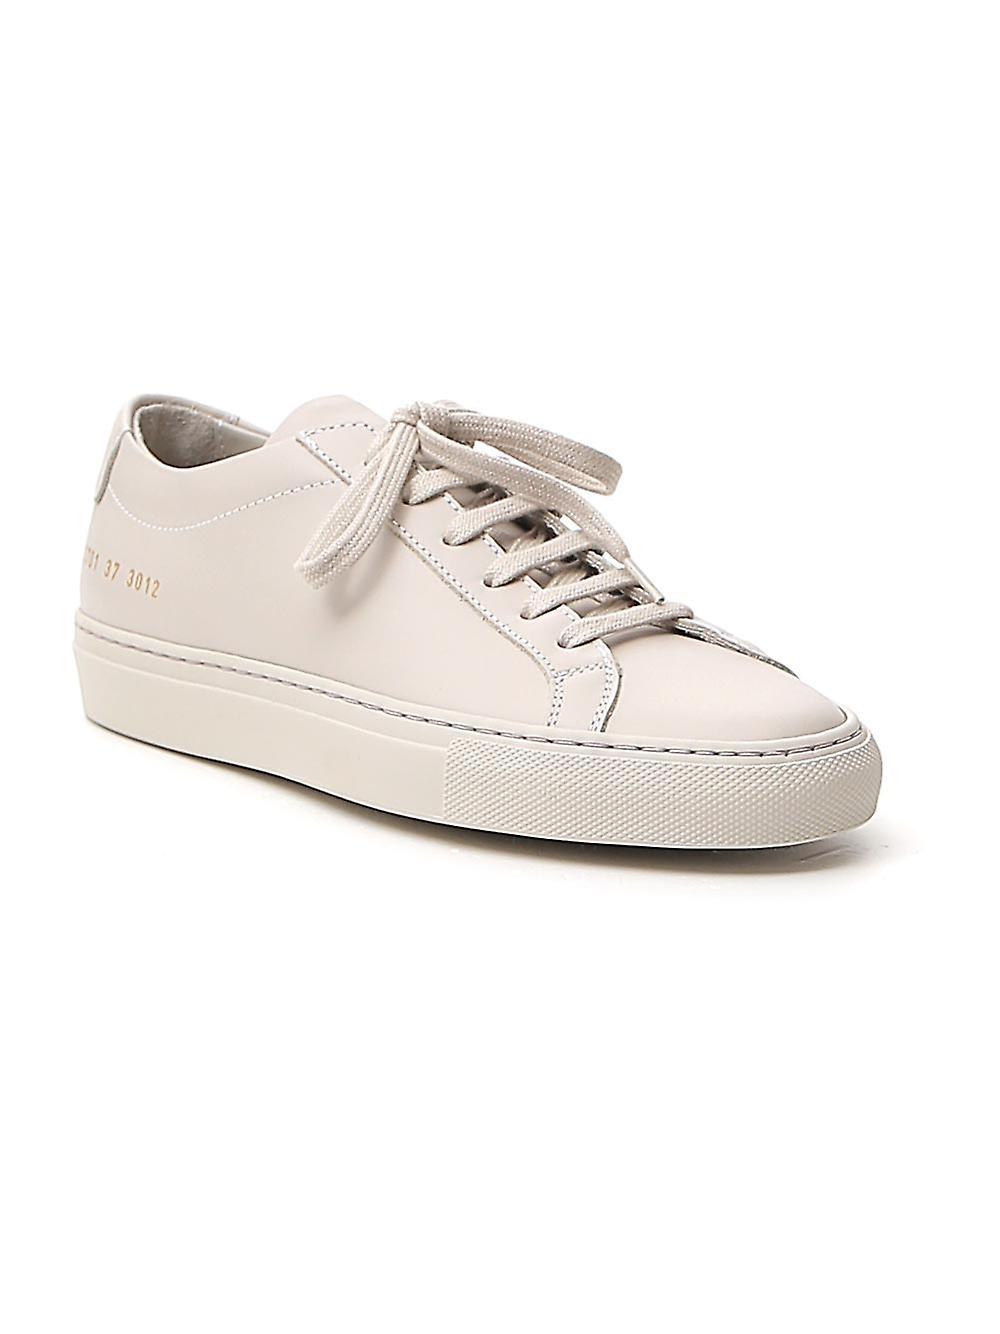 Progetti comuni 37013012 Donne's Grey Leather Sneakers